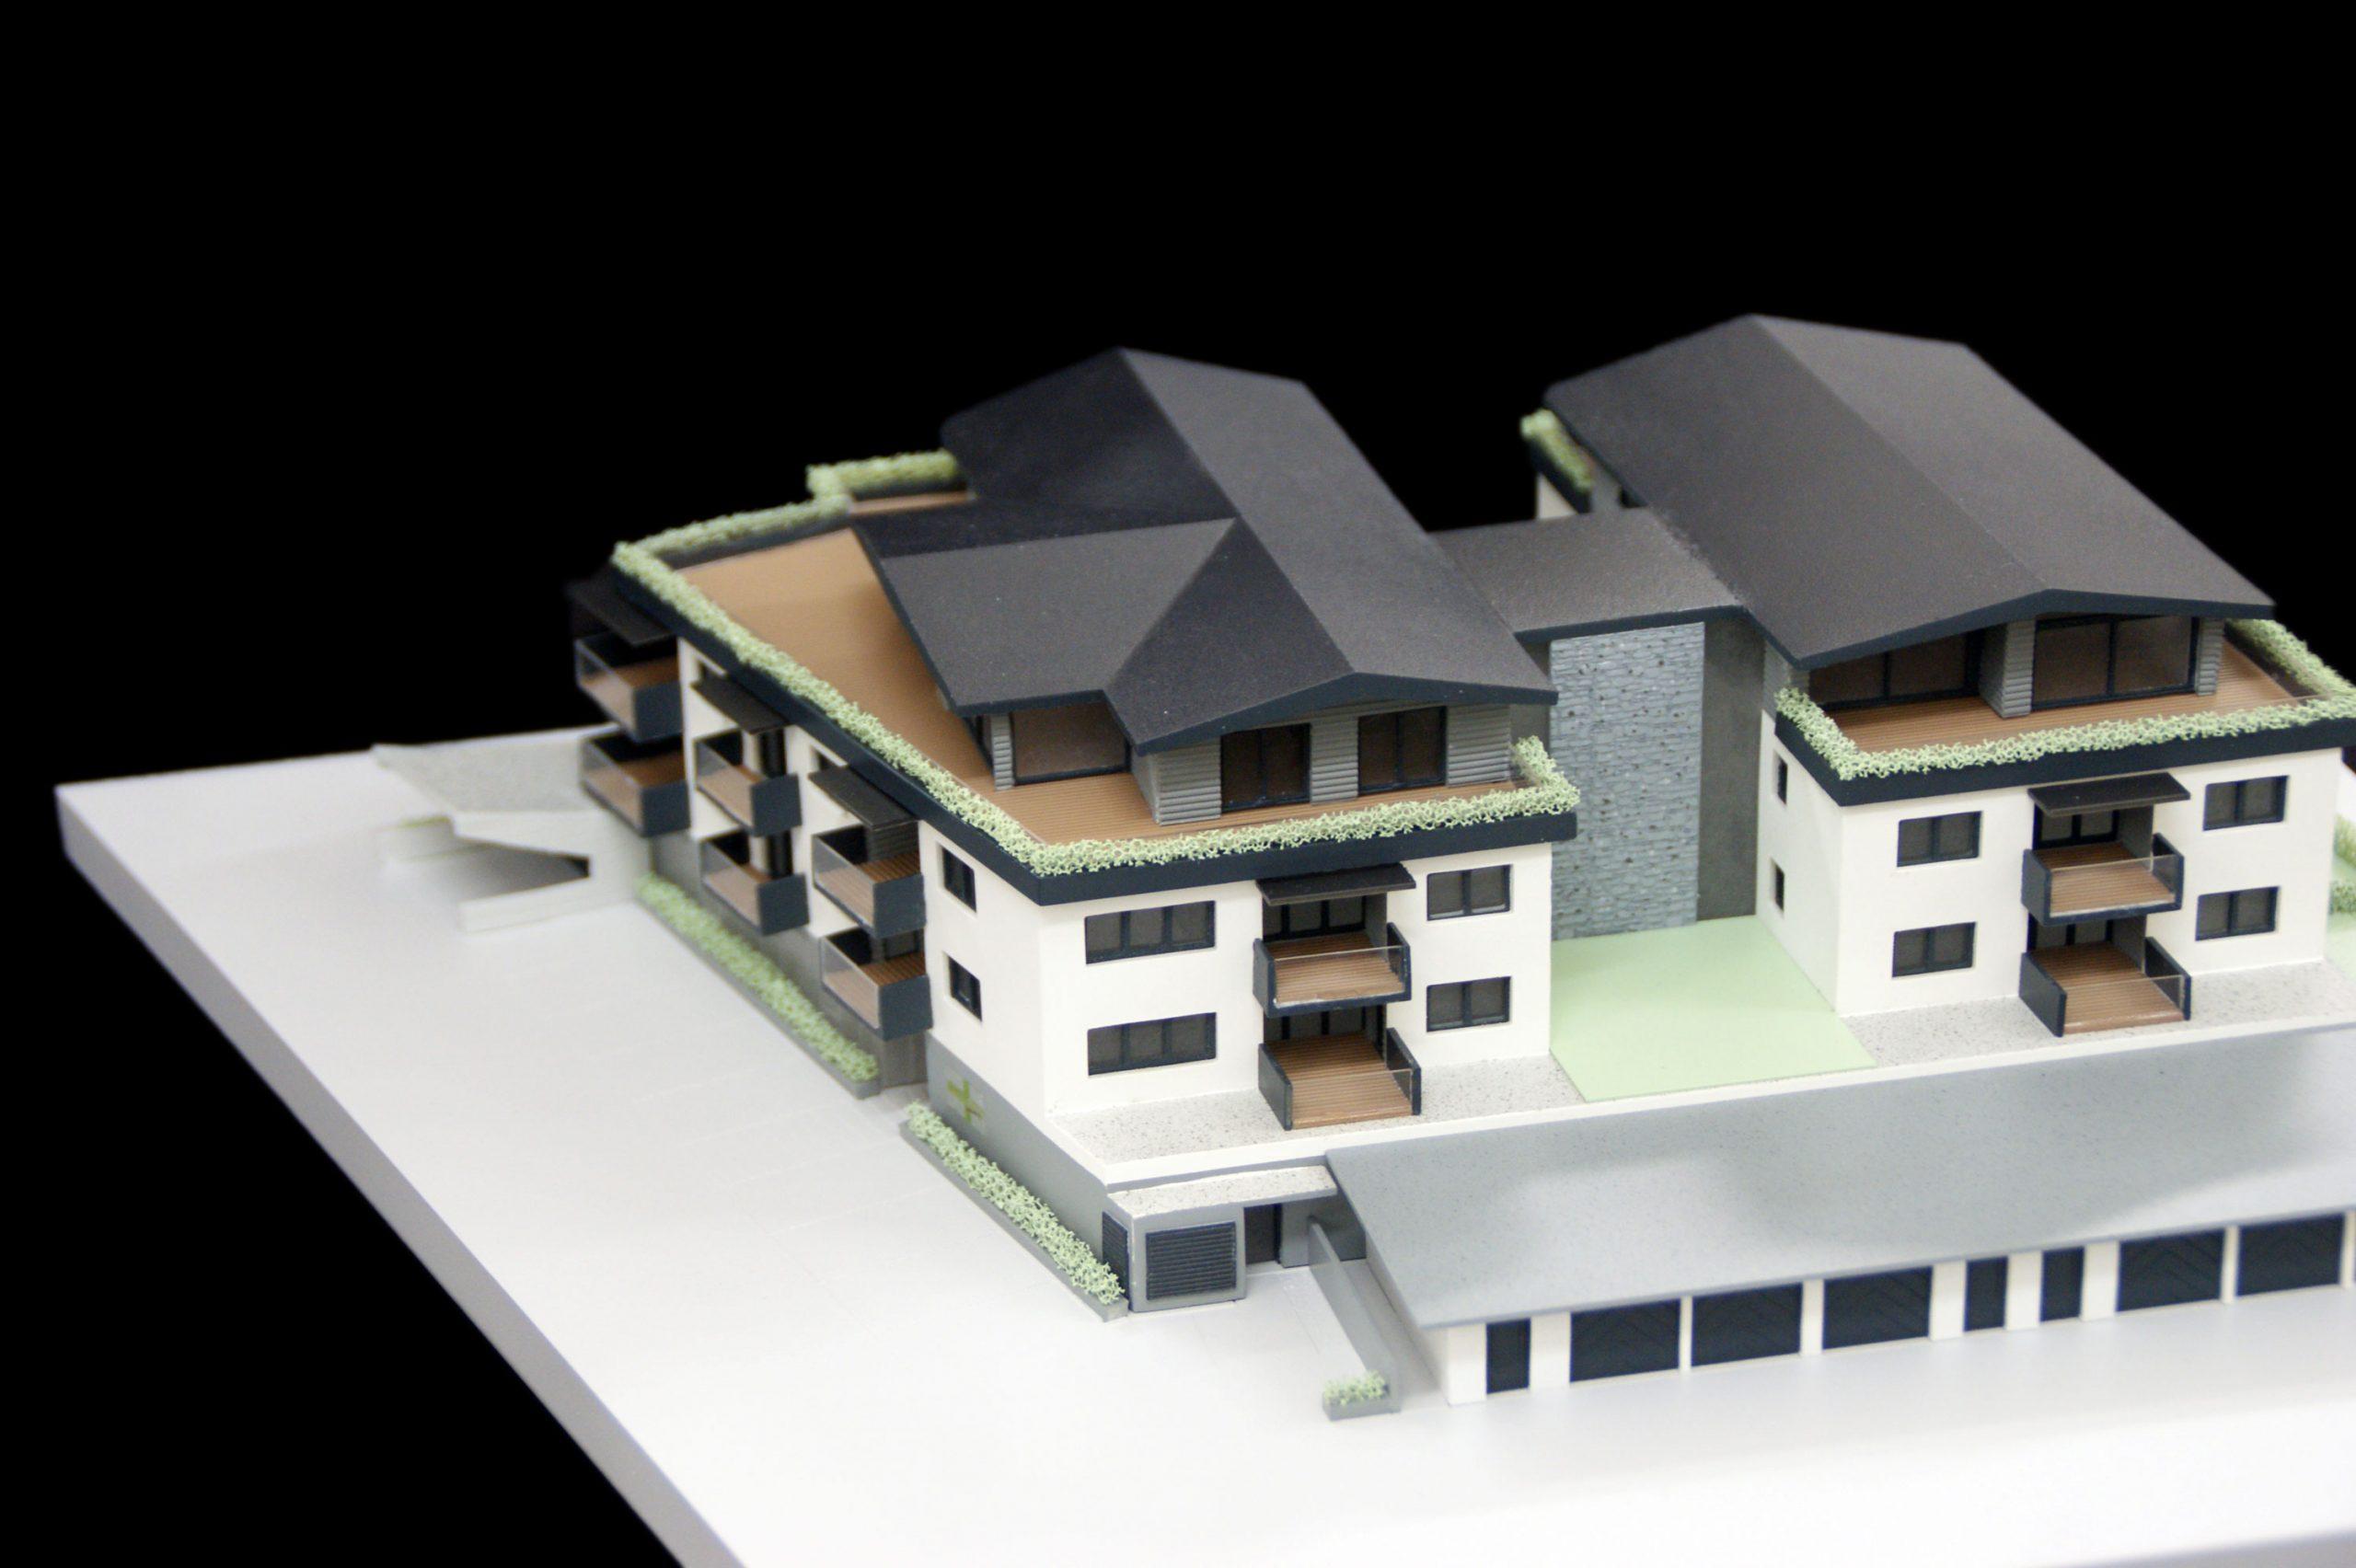 Vorsorge & Wohnen Immobilientreuhand GmbH